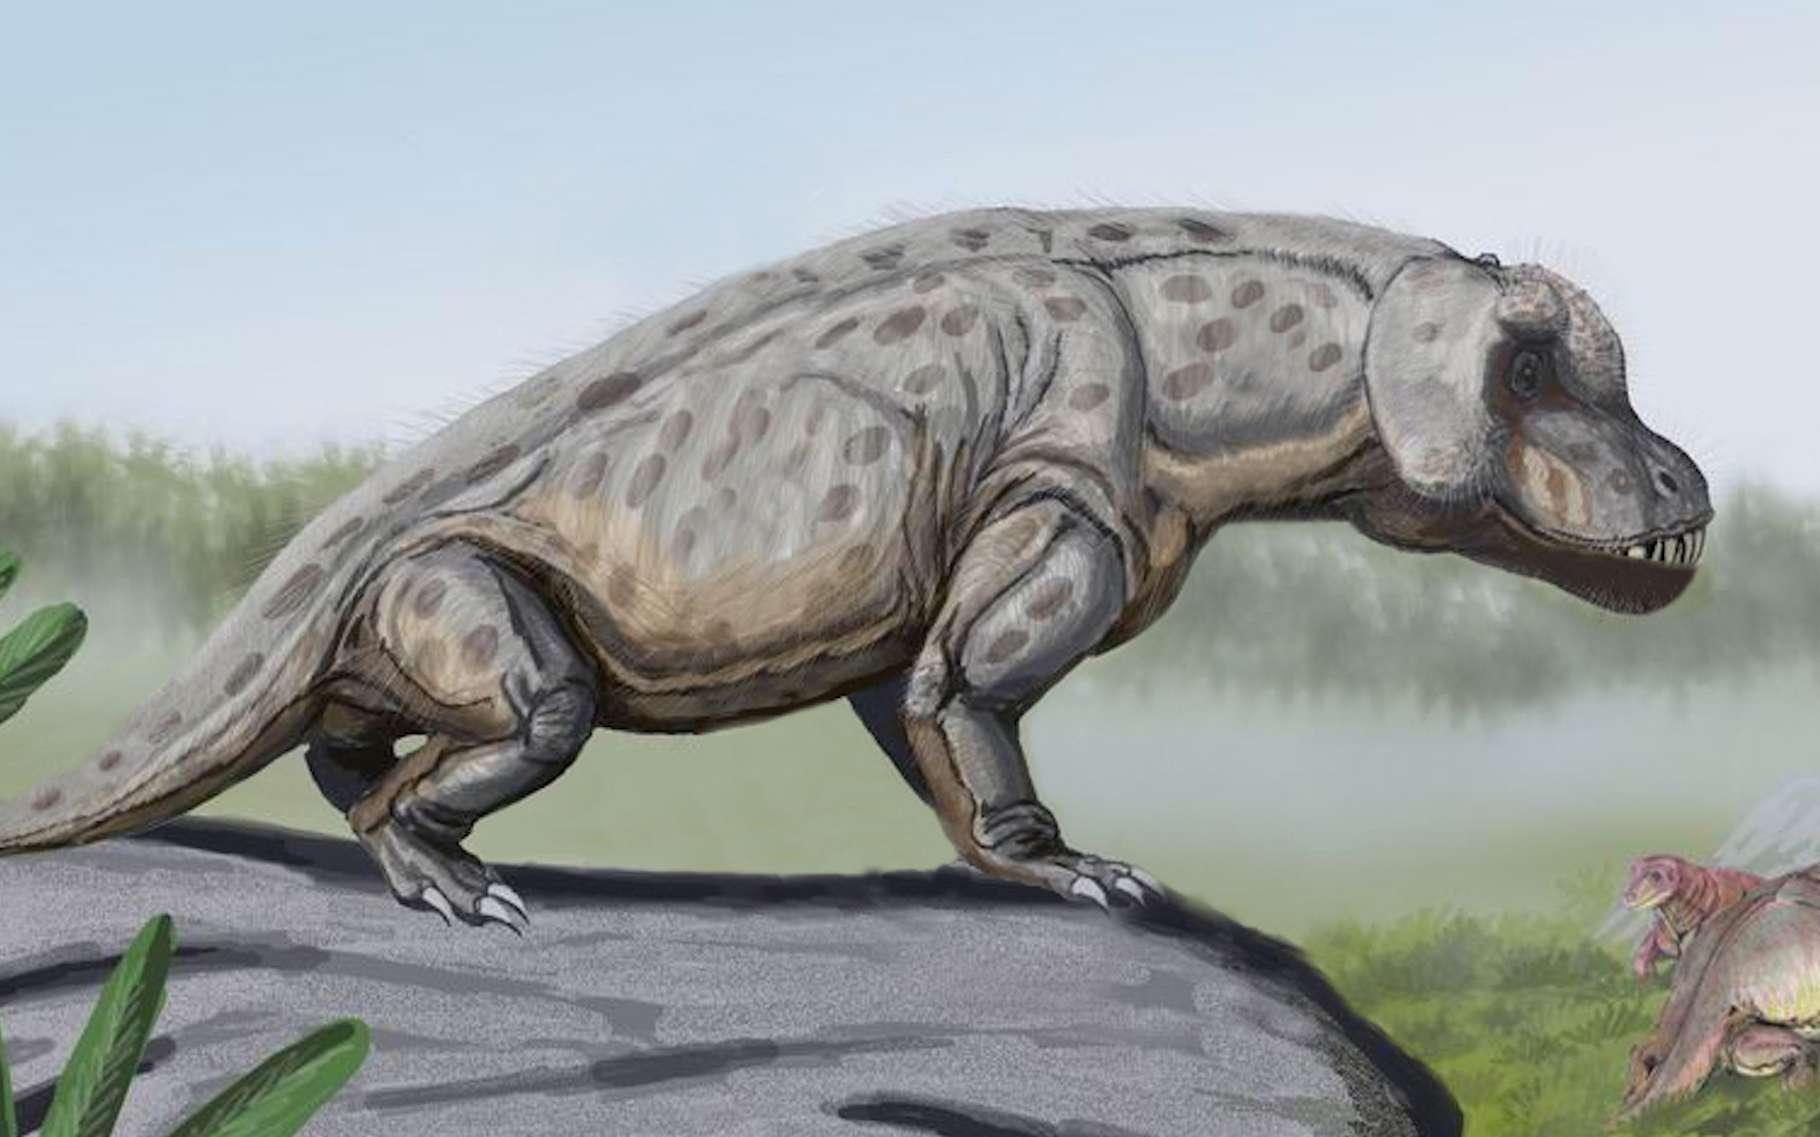 On le pensait paresseux, cet animal préhistorique était en réalité une machine à tuer - Futura